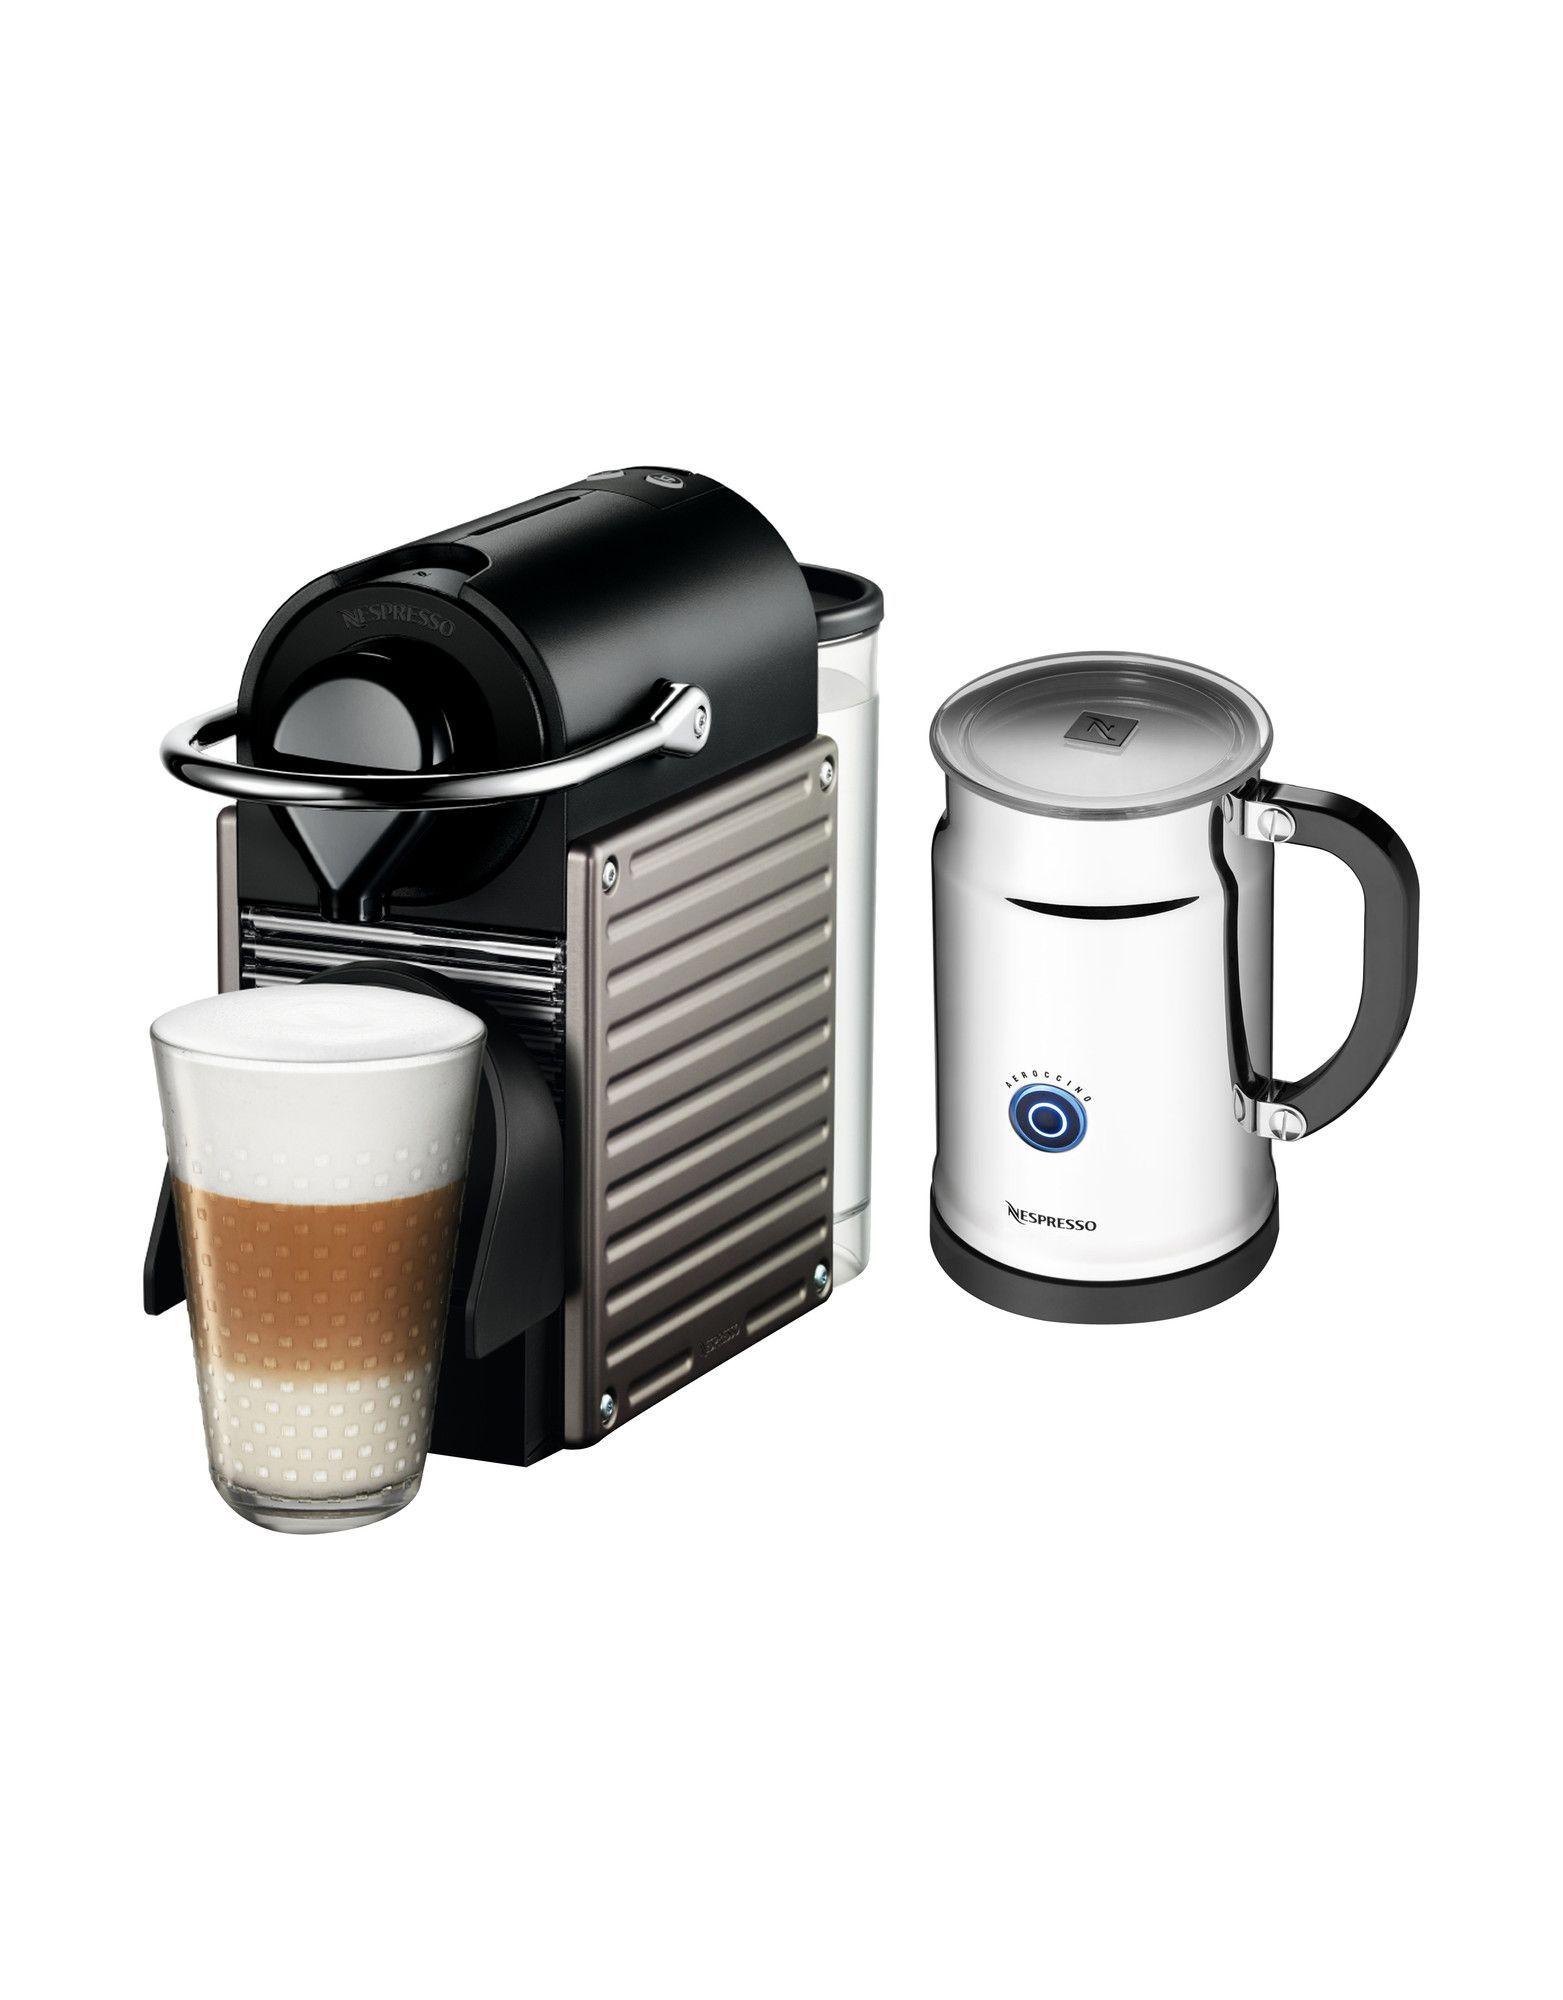 OriginalLine Pixie Espresso Maker with Aeroccino Plus Milk